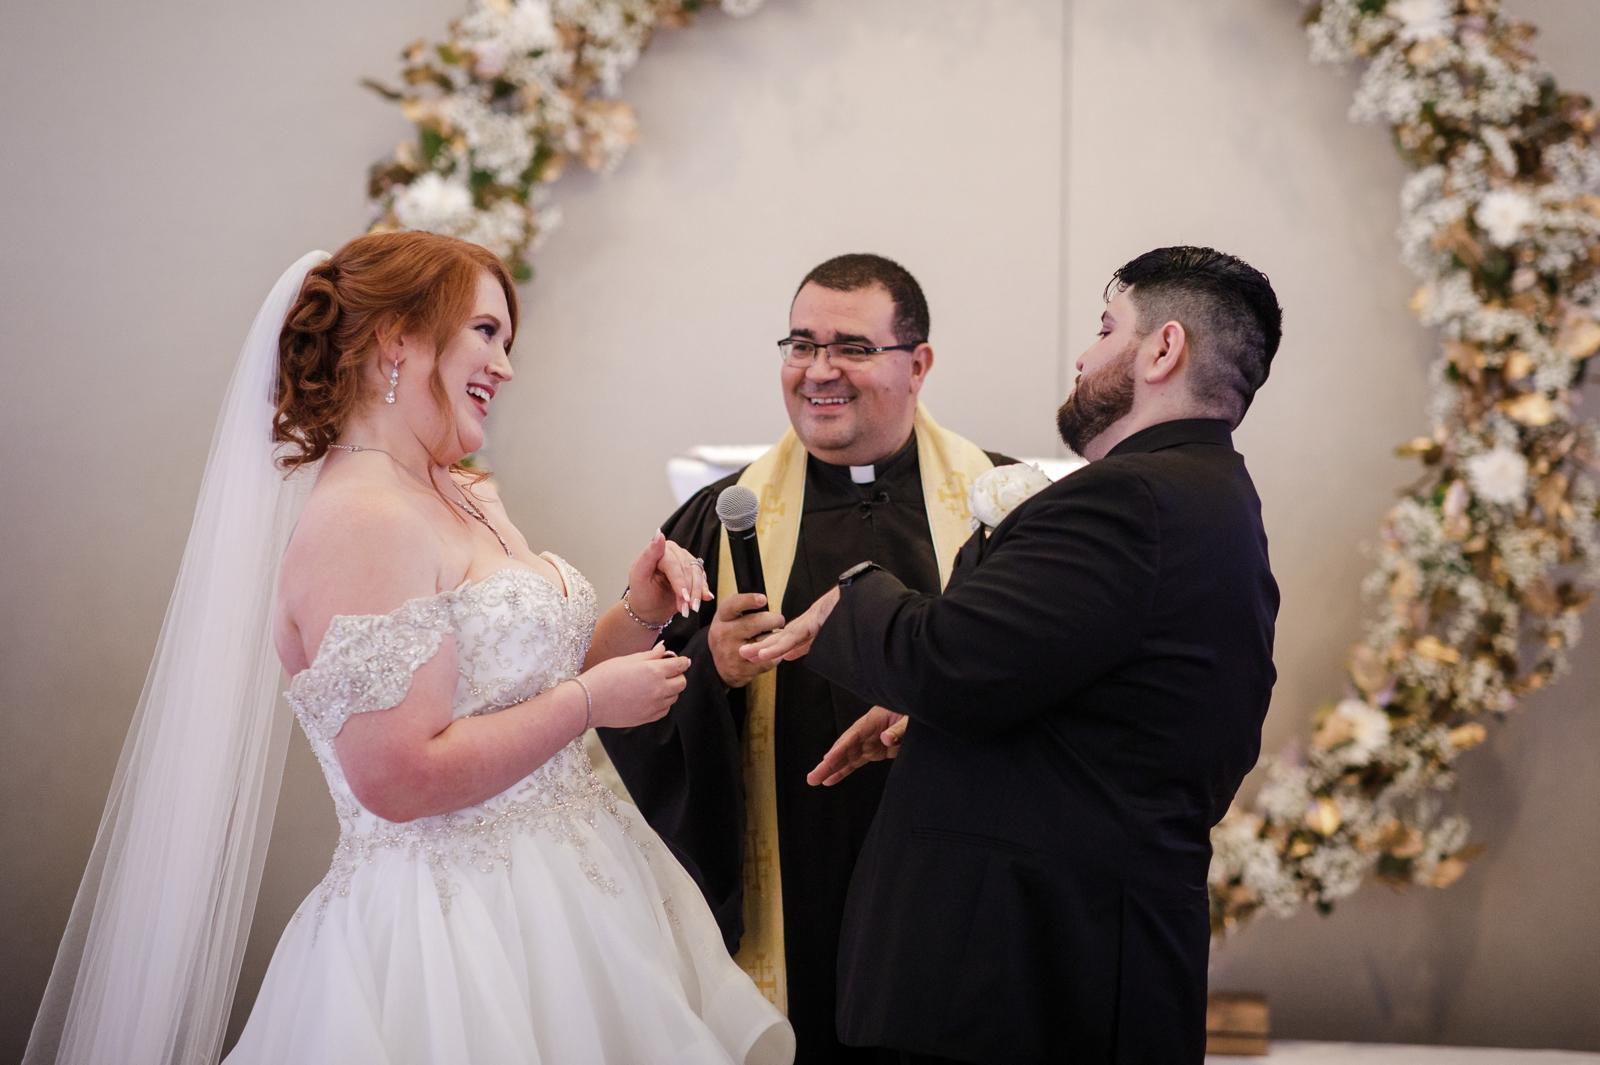 wedding-at-the-renaissance-plantation-hotel-south-florida